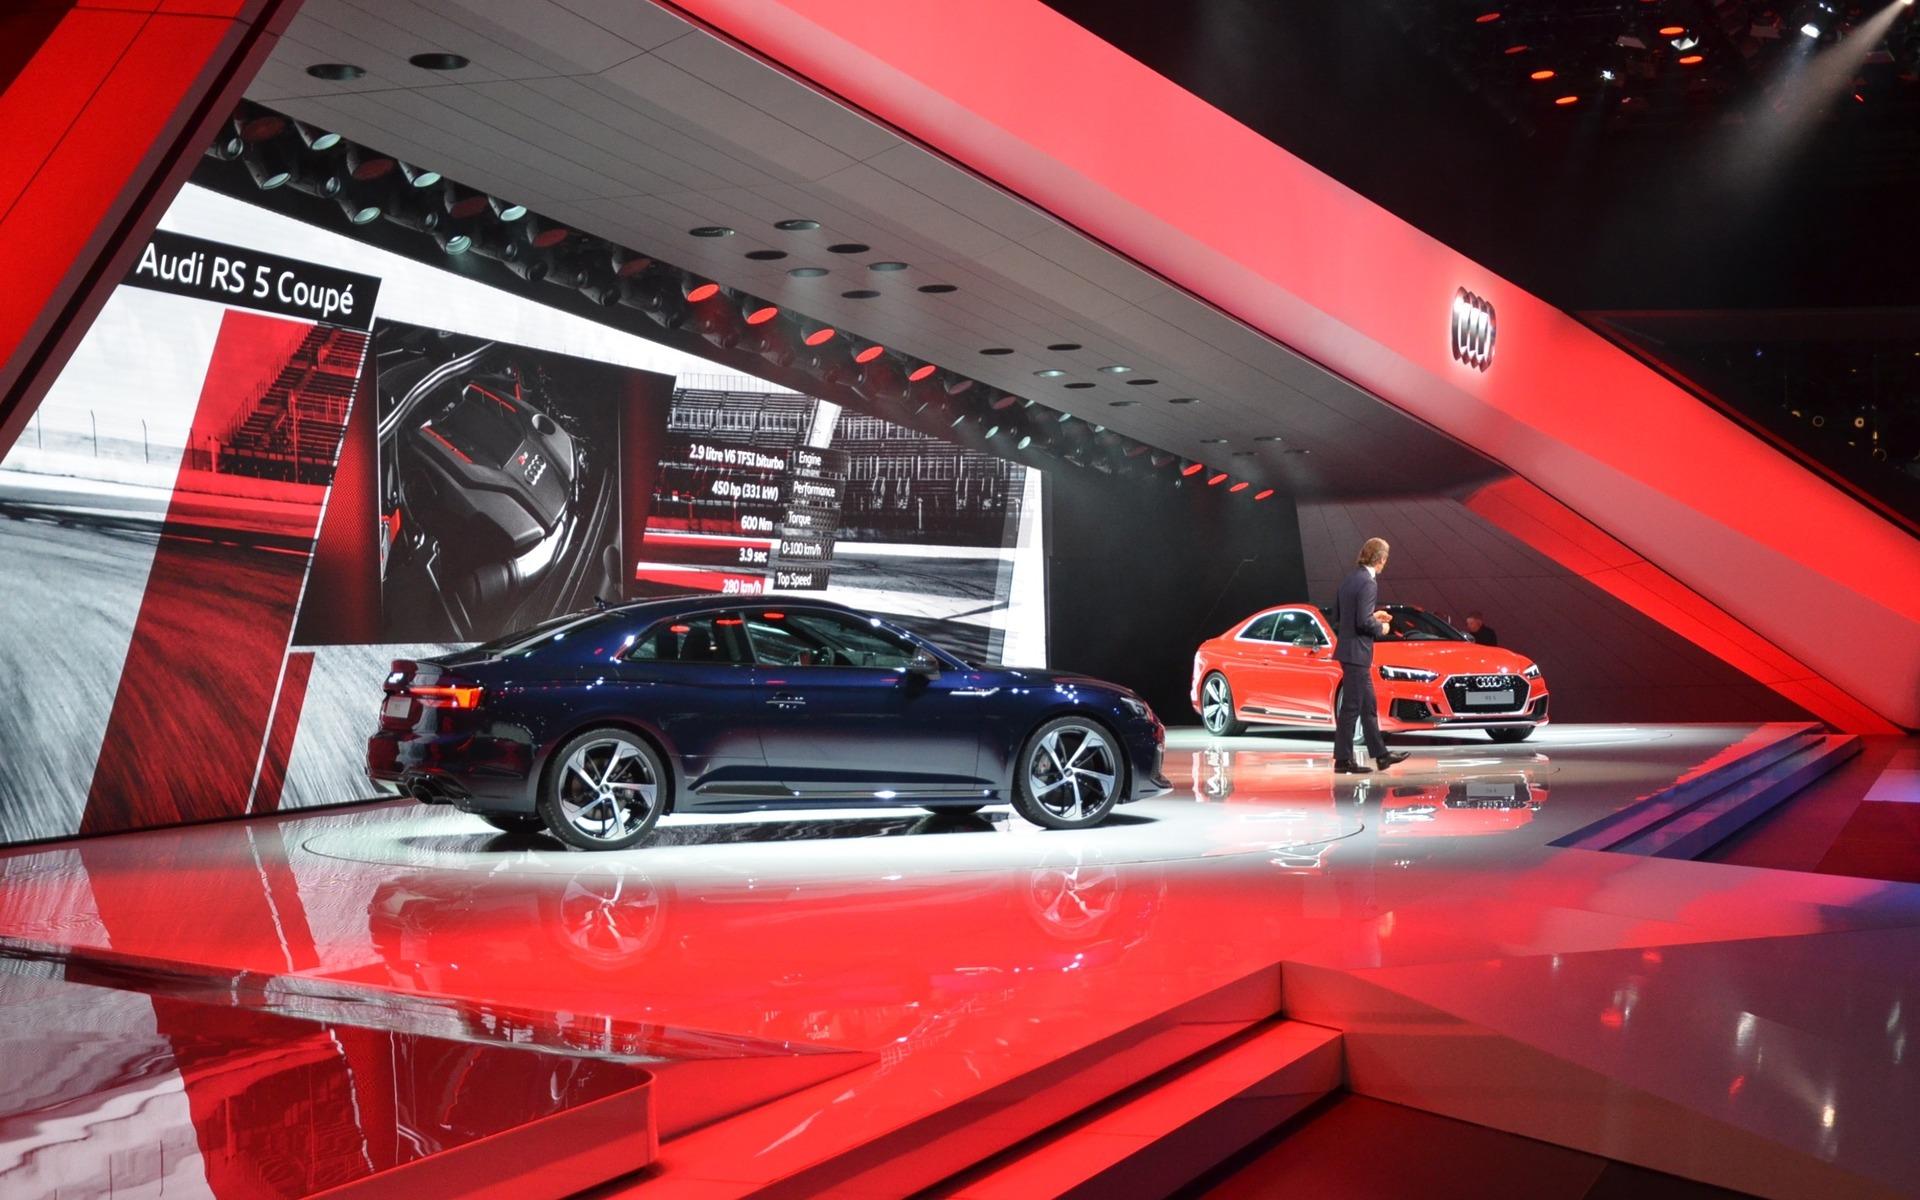 Audi RS 5 Coupé - Première mondiale au Salon de l'auto de Genève.